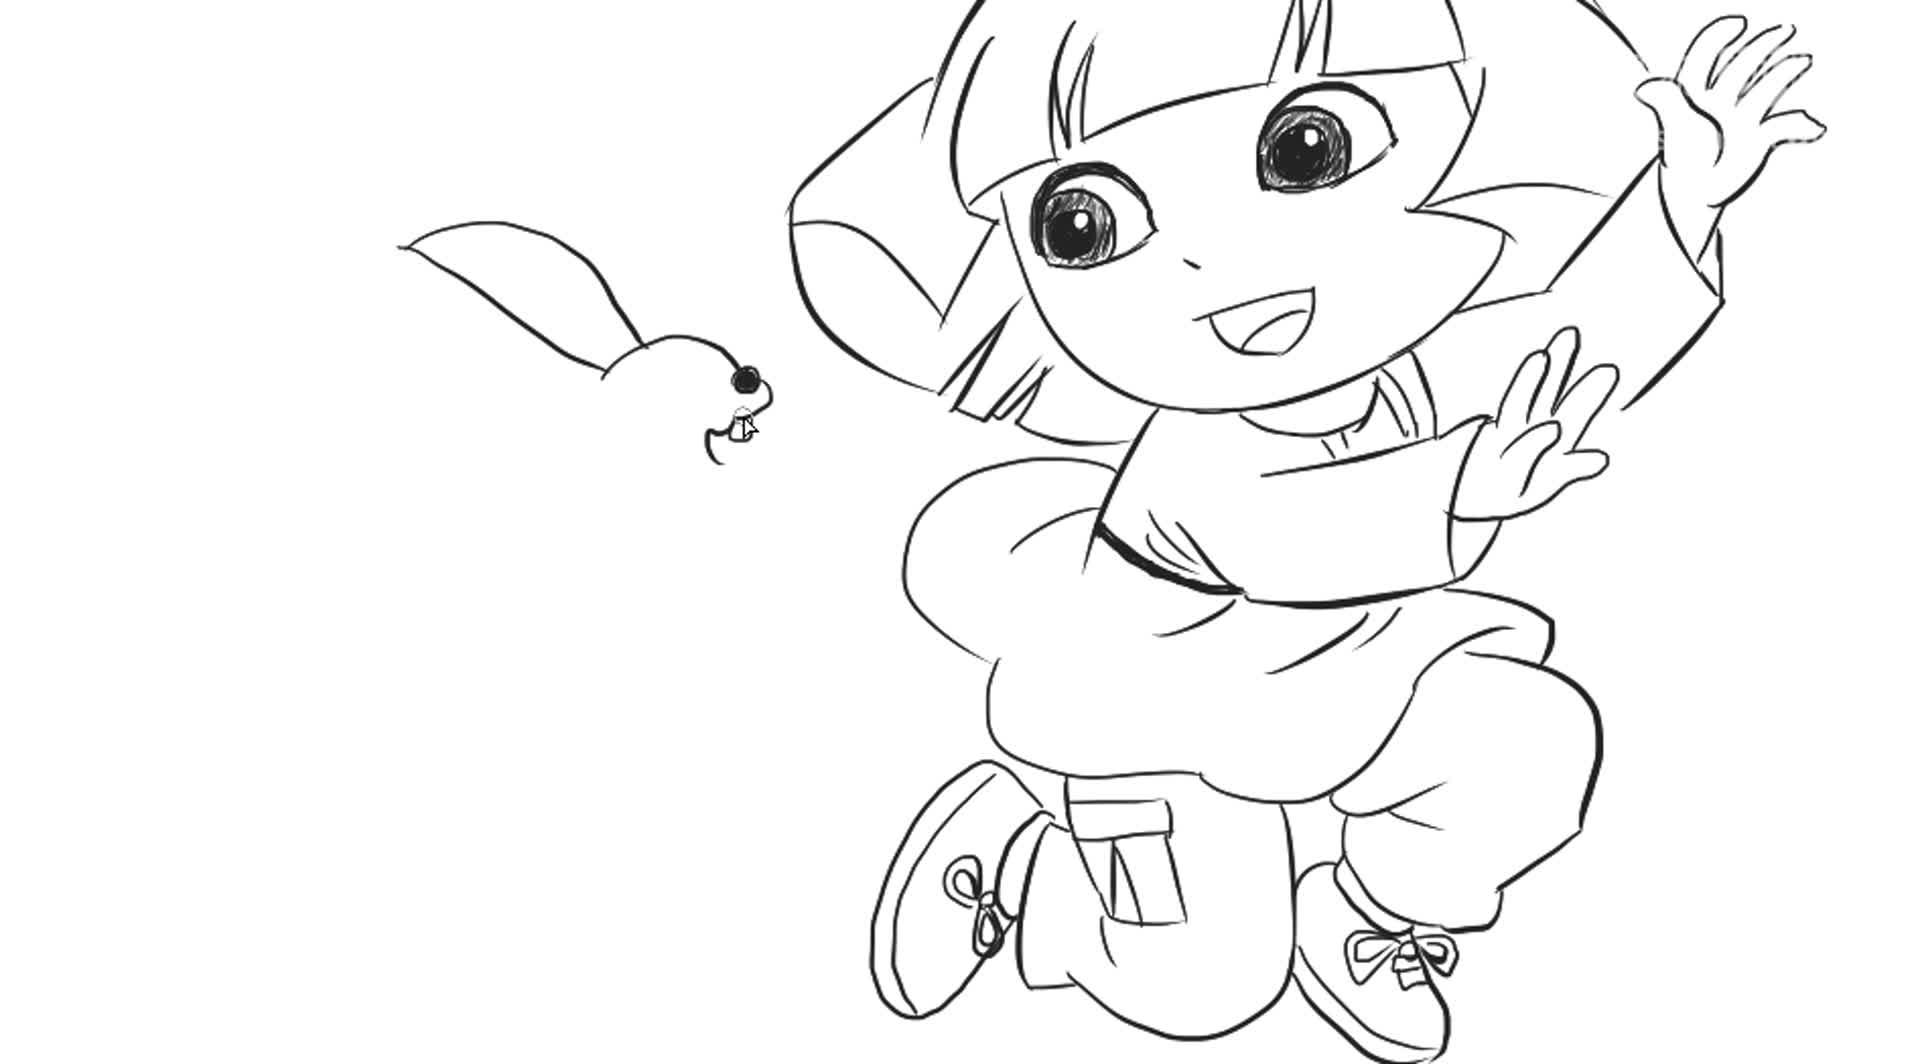 [小林簡筆畫]繪畫動片《愛冒險的朵拉》中的朵拉與